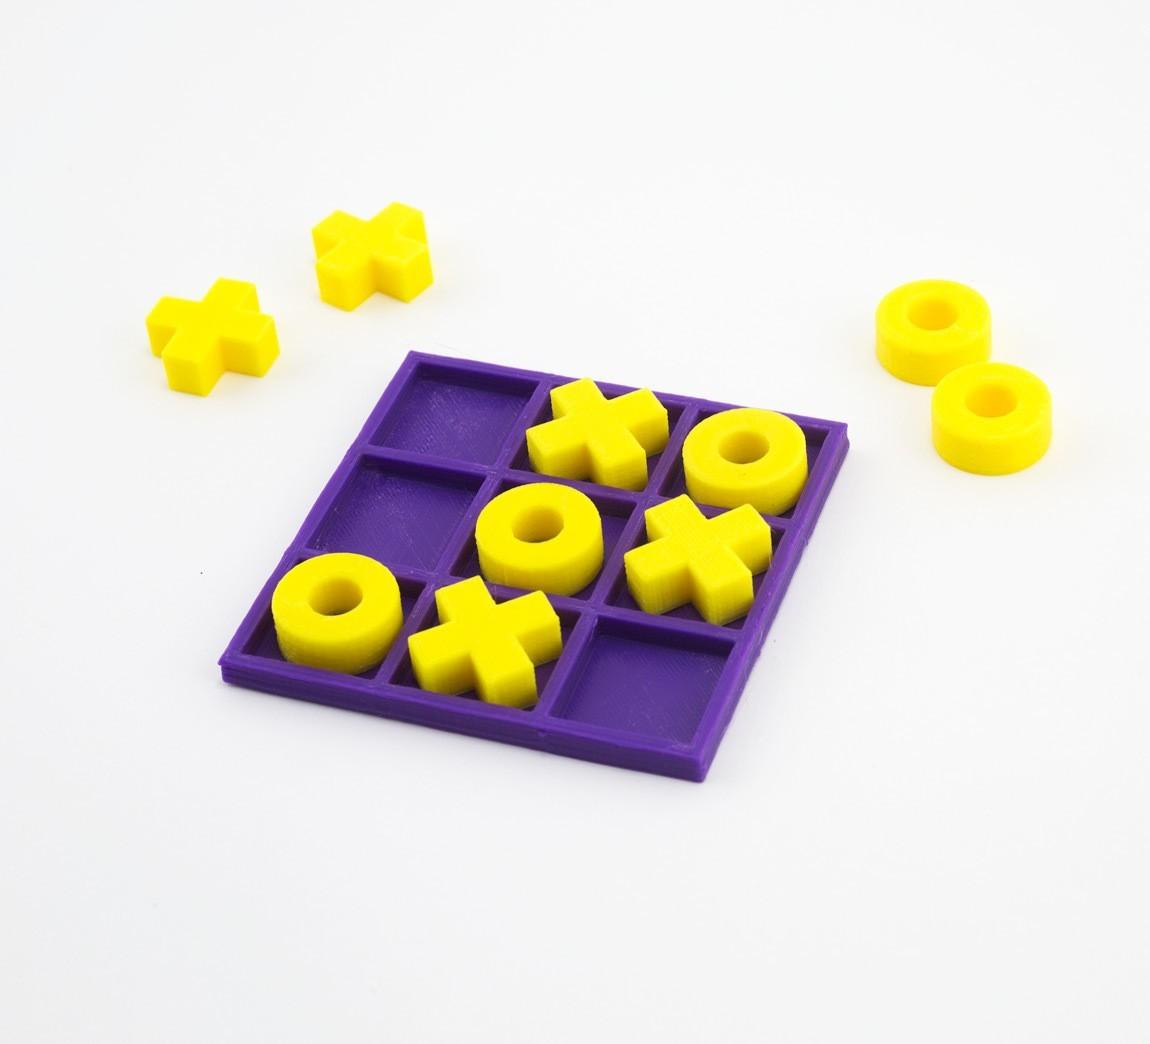 8bf1a116fb323d1c4b440998994d330c_1444428961059_NMD000095e.jpg Download free STL file Tic-Tac-Toe • Template to 3D print, FerryTeacher